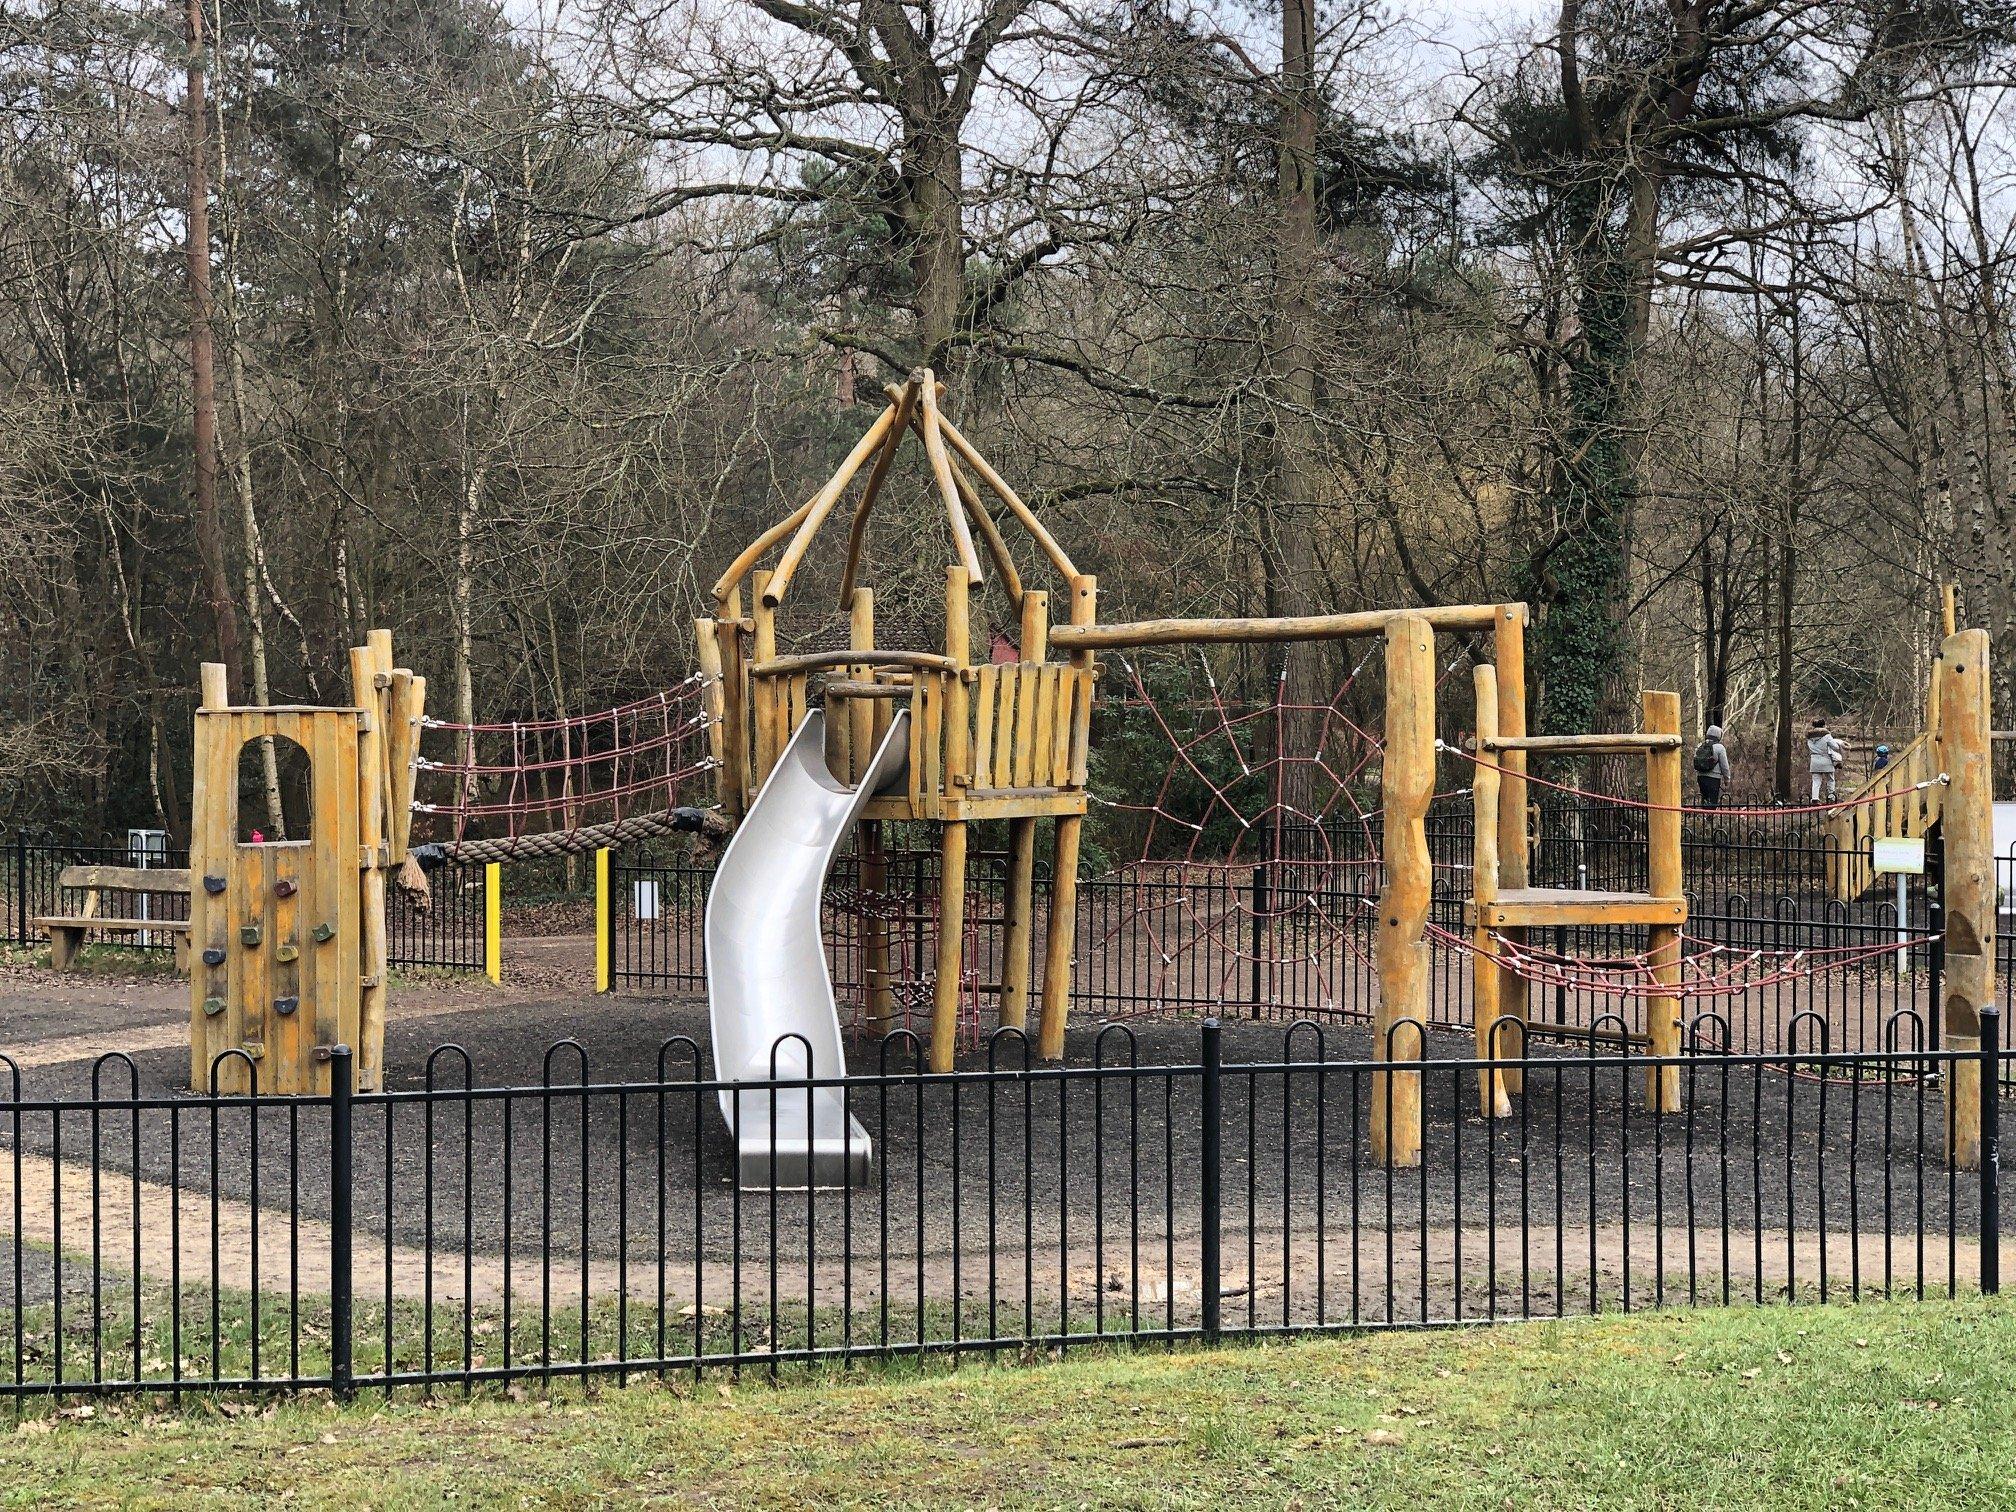 Savernake Park Play Area